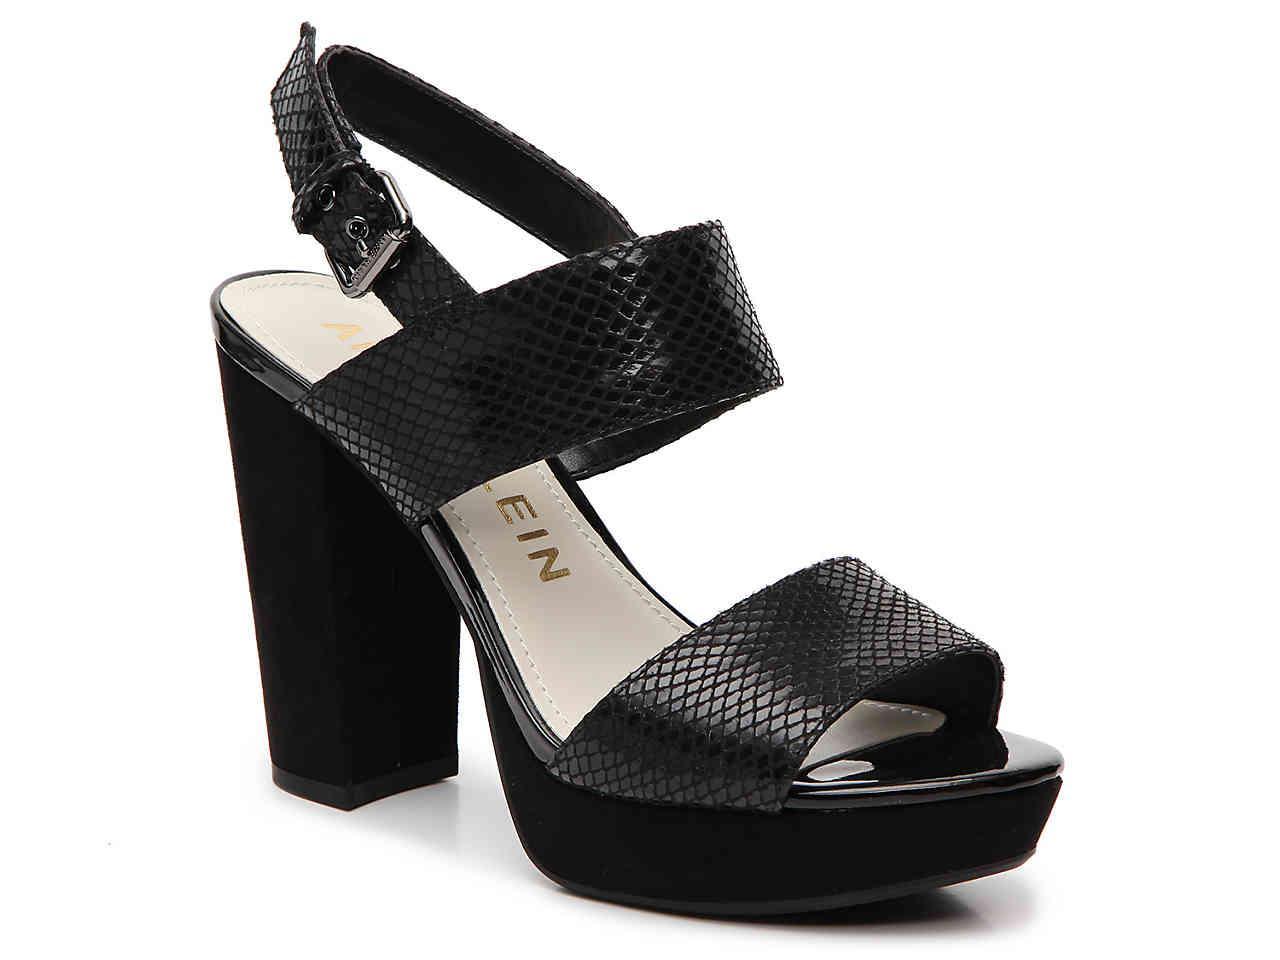 62d5e4a8a3f Lyst - Anne Klein Lorrie Platform Sandal in Black